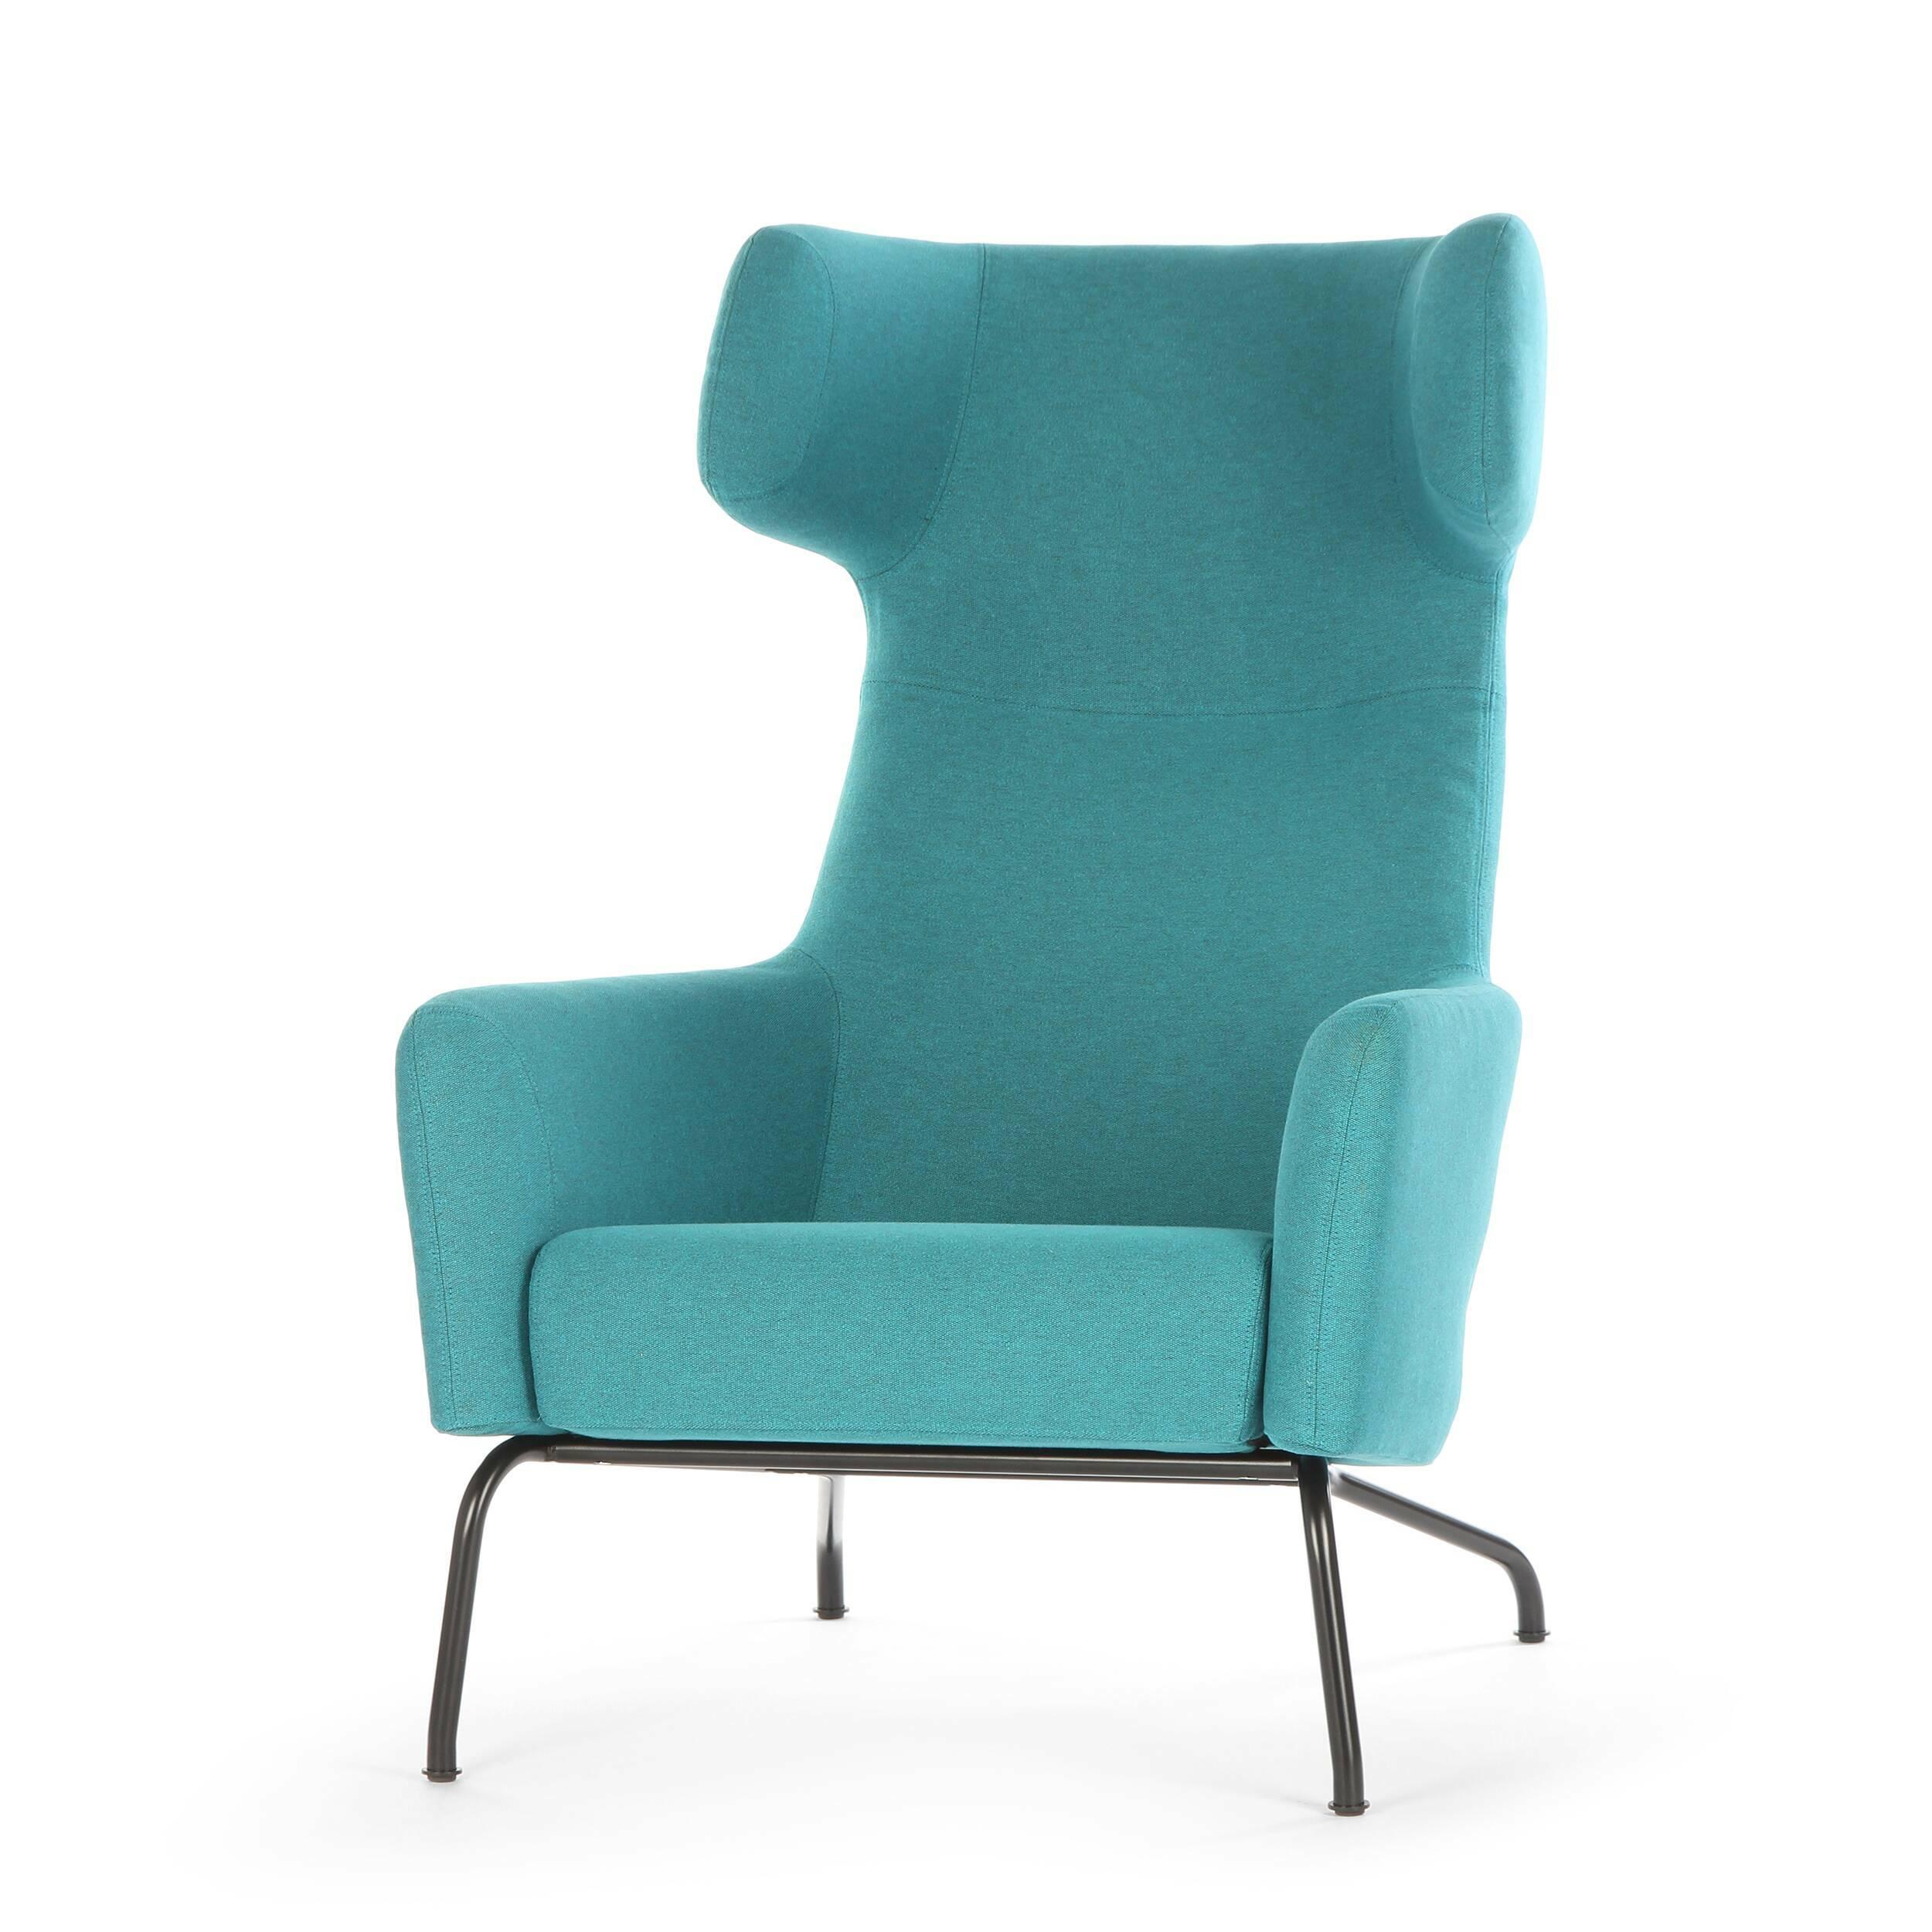 Кресло HavanaИнтерьерные<br>Дизайнерское интерьерное мягкое кресло Havana (Гавана) с откинутой спинкой с обивкой из ткани от Softline (Софтлайн).<br><br><br> Знаковое кресло Havana от знаменитого датского дуэта Буск и Херцог — это новый подход к классическим формам кресла для отдыха. Это культовое кресло для релаксации создано для того, чтобы давать уют и комфорт пользователю. Привычные классические формы приобретают динамику и движение, при этом не искажая целостный дизайн кр...<br><br>stock: 0<br>Высота: 107<br>Высота сиденья: 40<br>Ширина: 79<br>Глубина: 96<br>Цвет ножек: Черный<br>Материал обивки: Хлопок, Полиэстер<br>Коллекция ткани: Vision<br>Тип материала обивки: Ткань<br>Тип материала ножек: Сталь<br>Цвет обивки: Бирюзовый